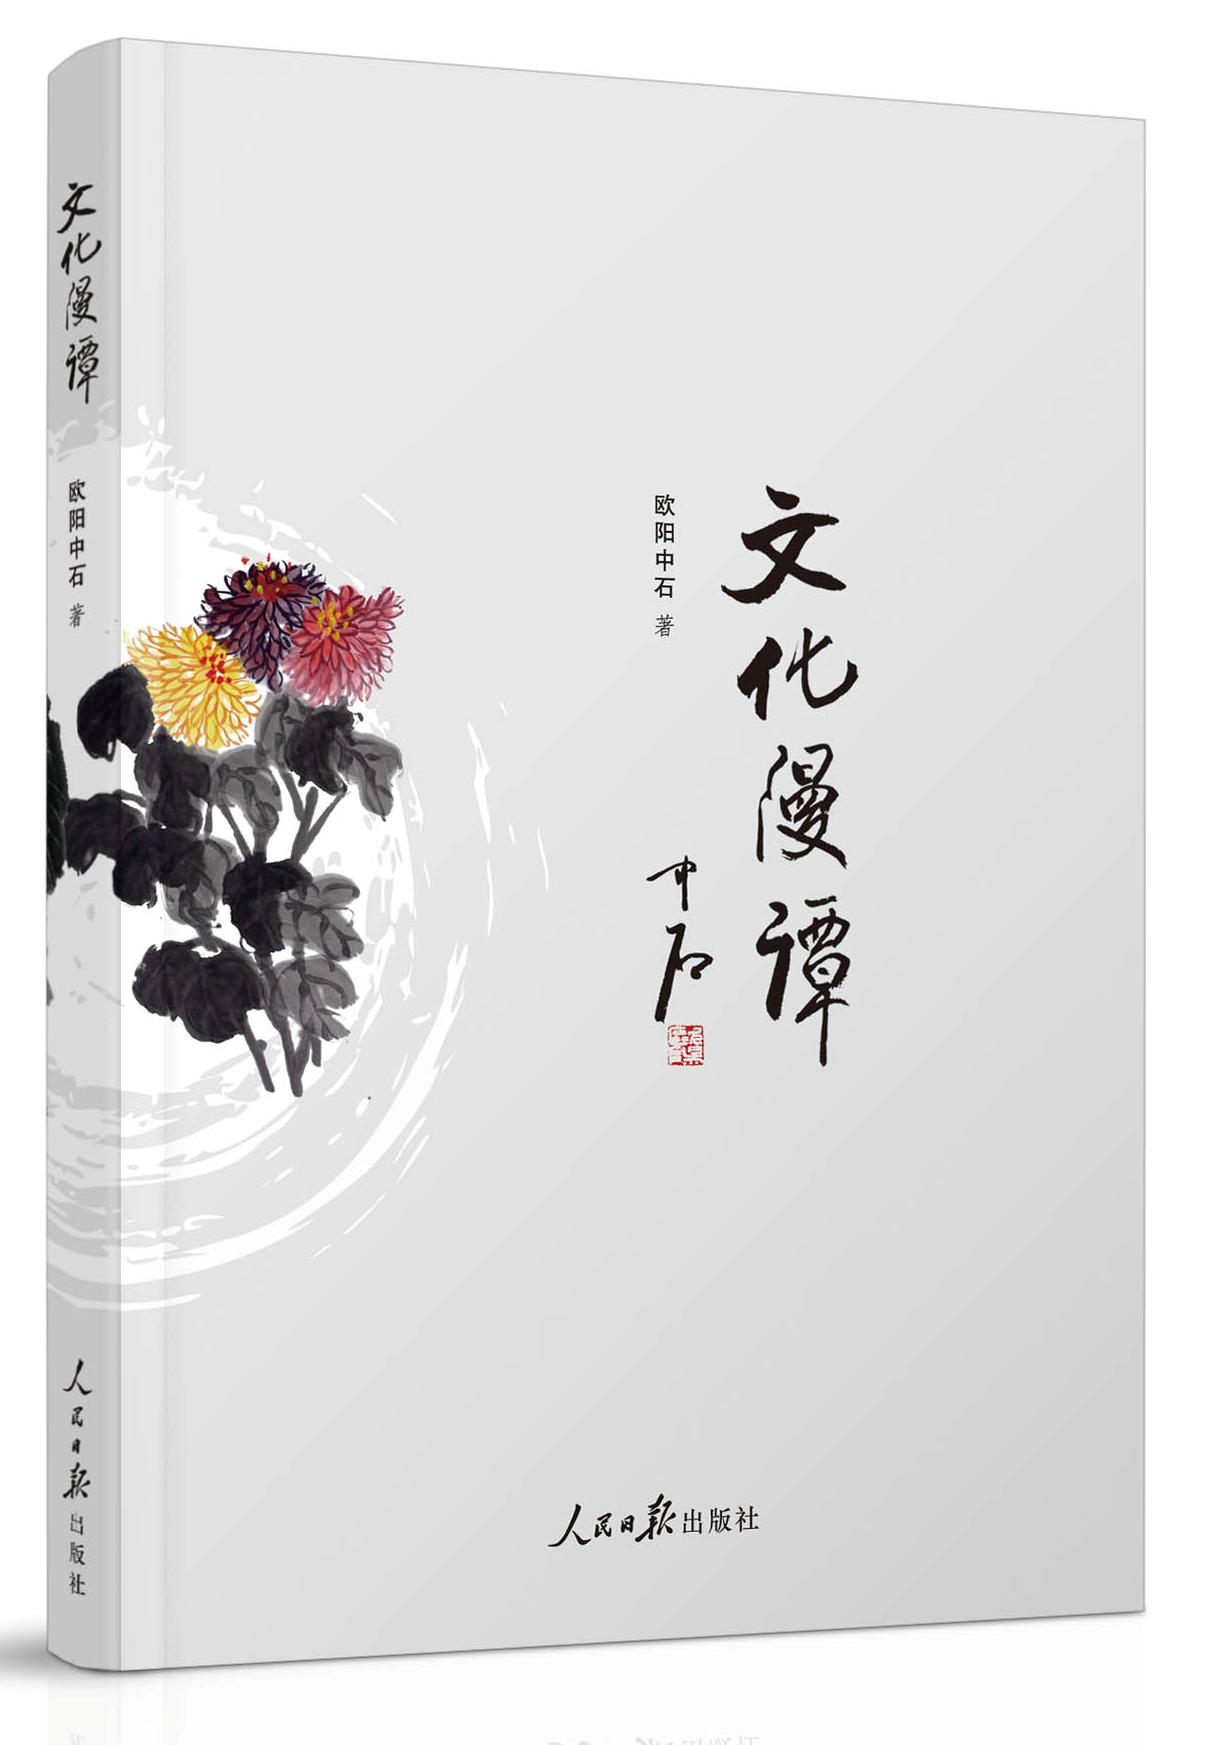 固志敦修 兴文崇化――欧阳中石《文化漫谭》导读